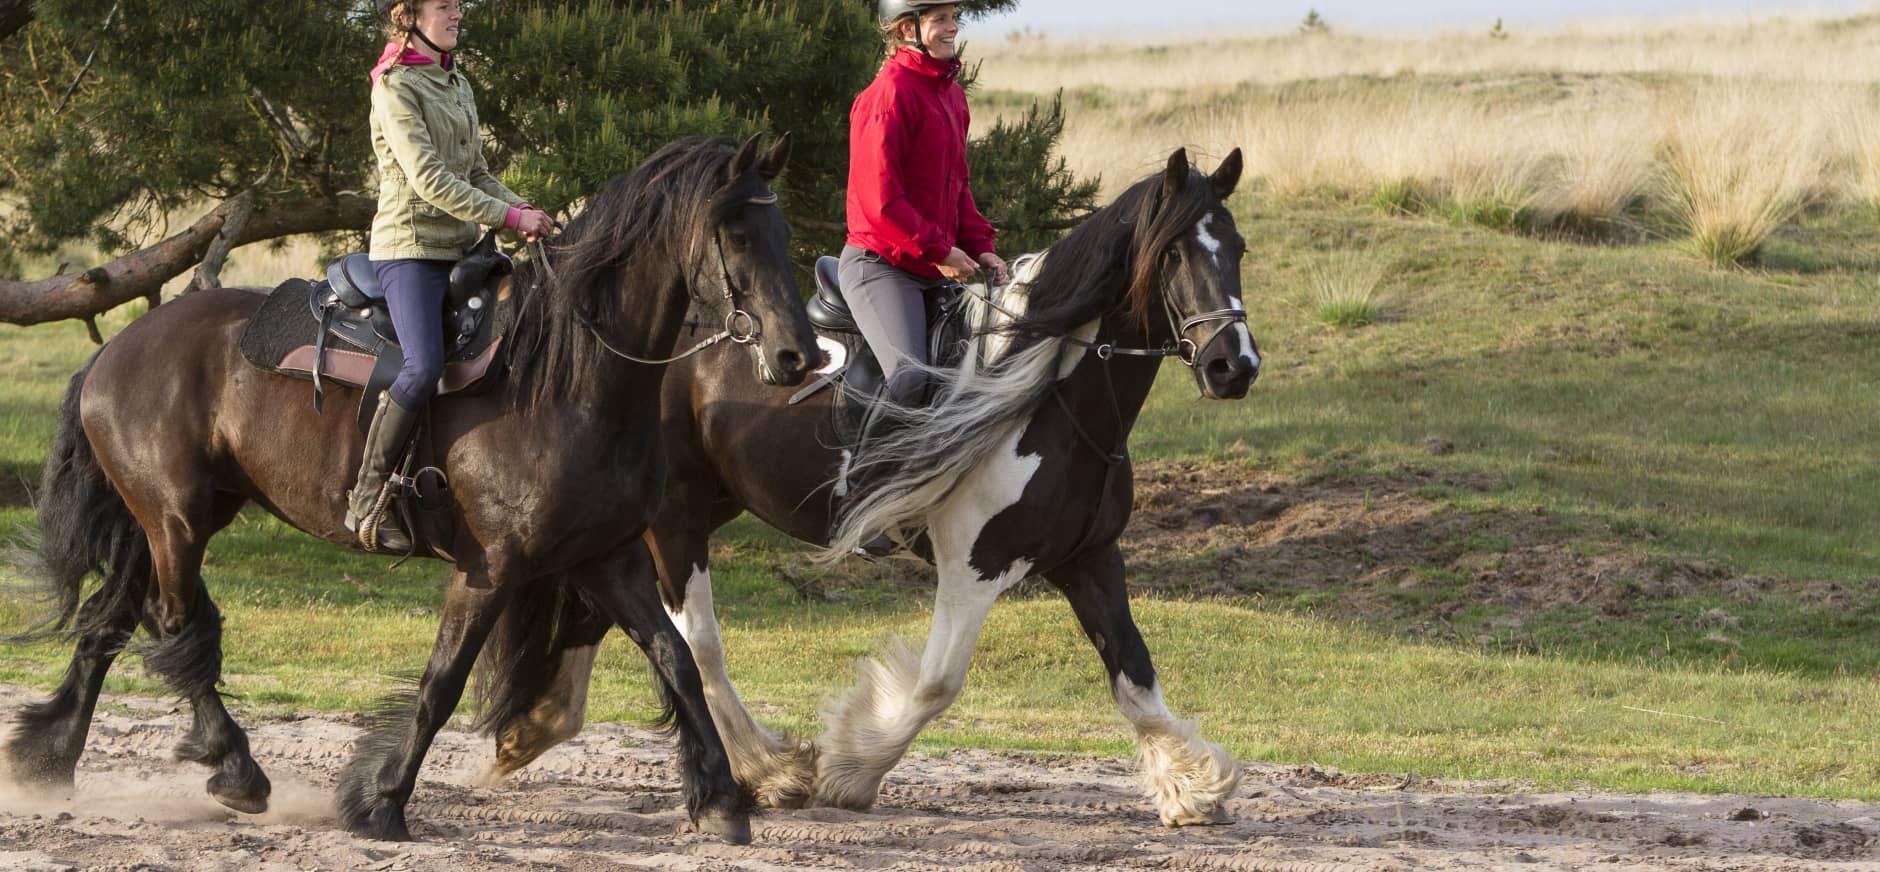 paardrijden in een natuurgebied